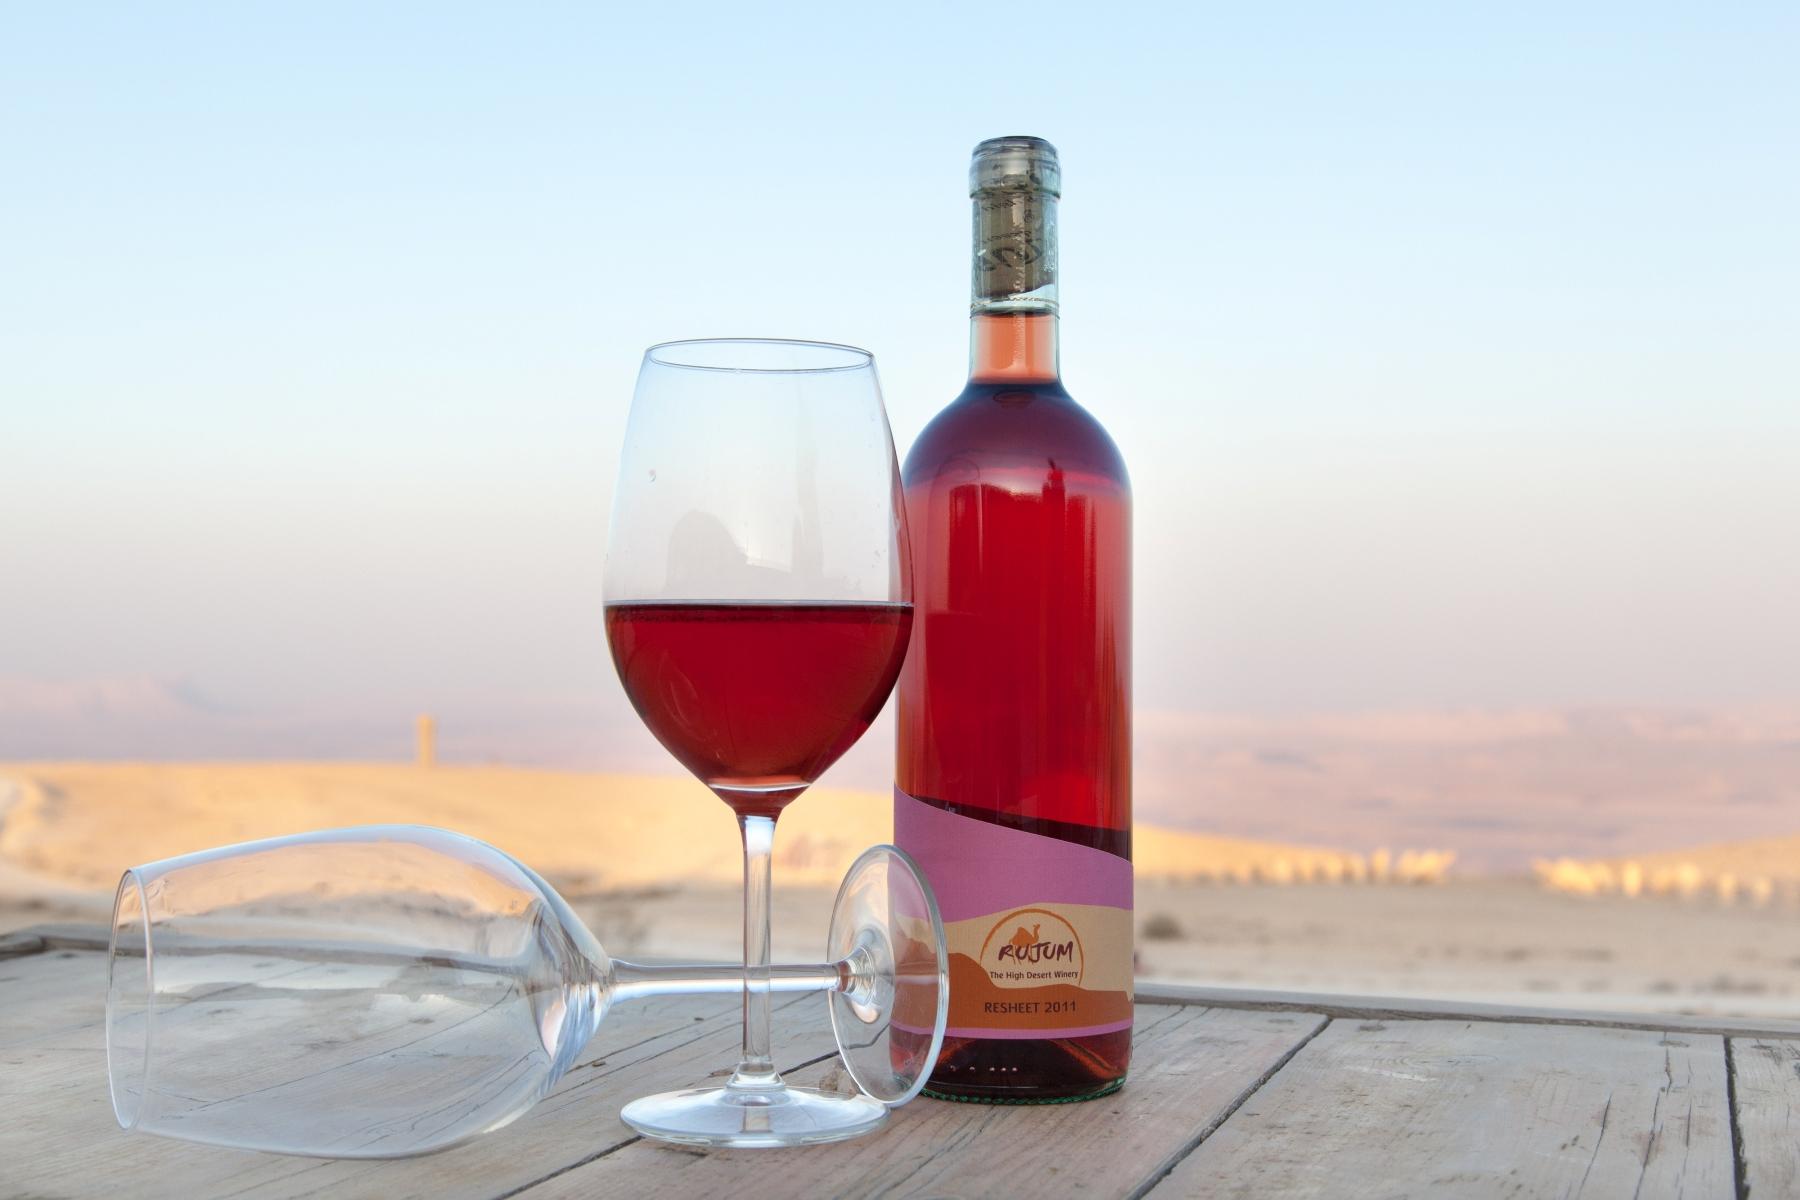 יין באמצע המדבר: יקב רוג'ום (צילום: חיים רביה)